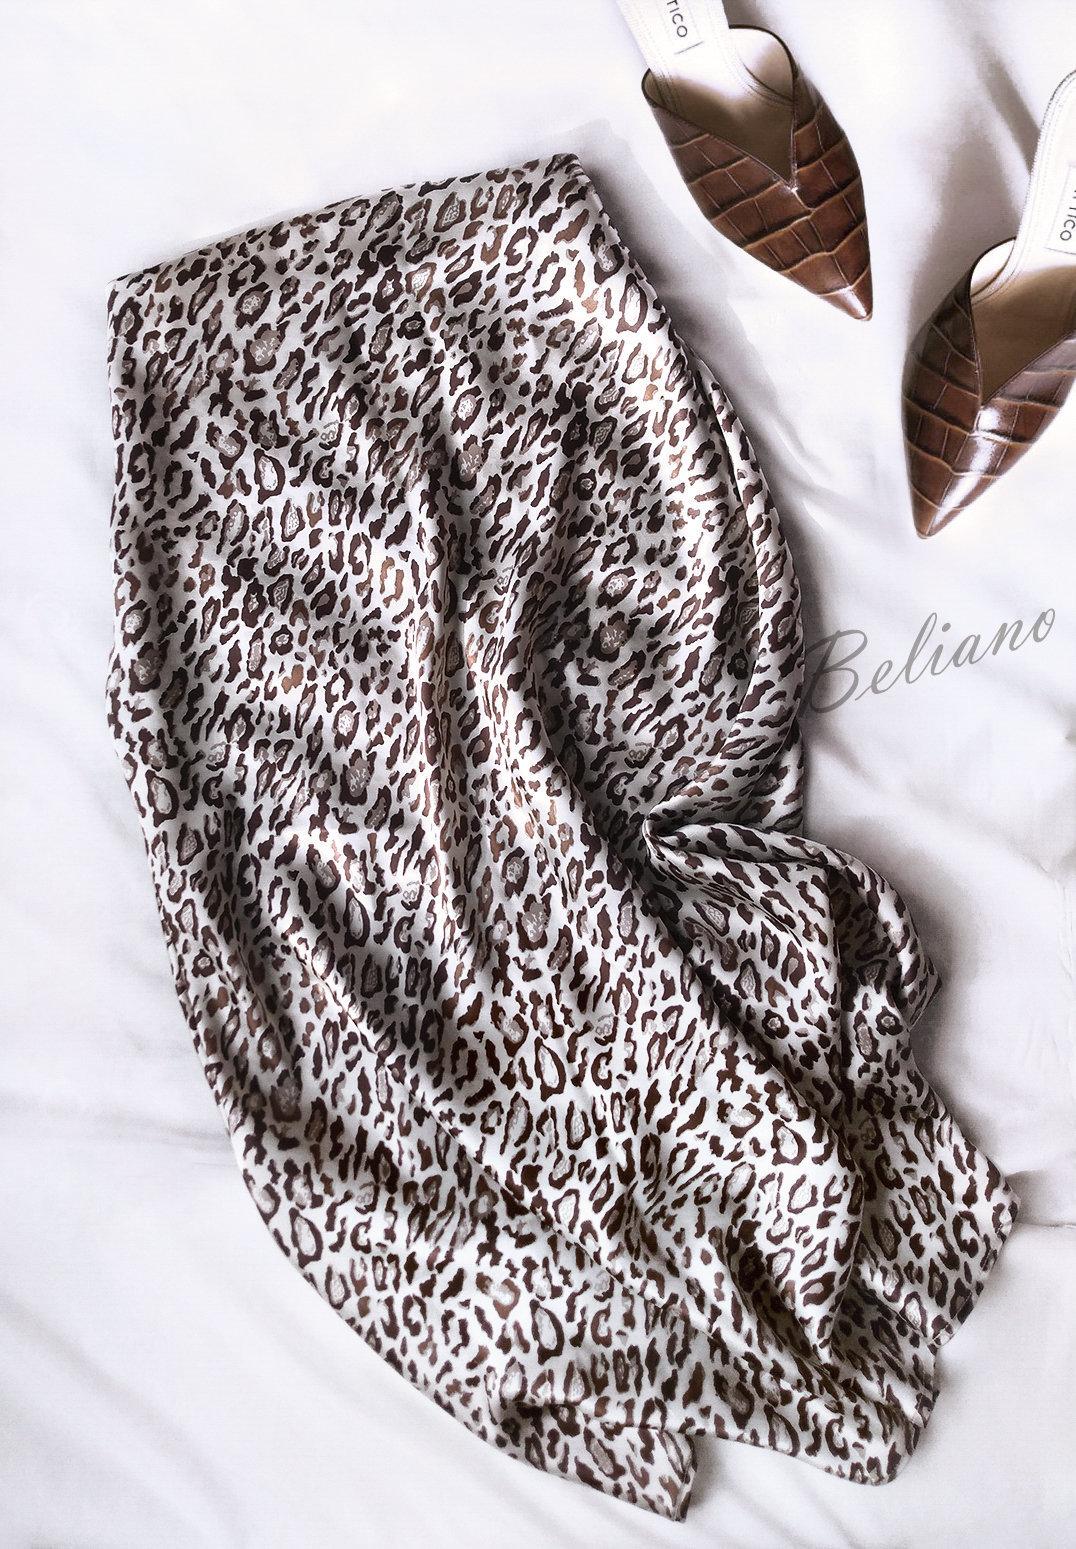 Трендовая шелковая юбка с леопардовым принтом. Натуральный шелк